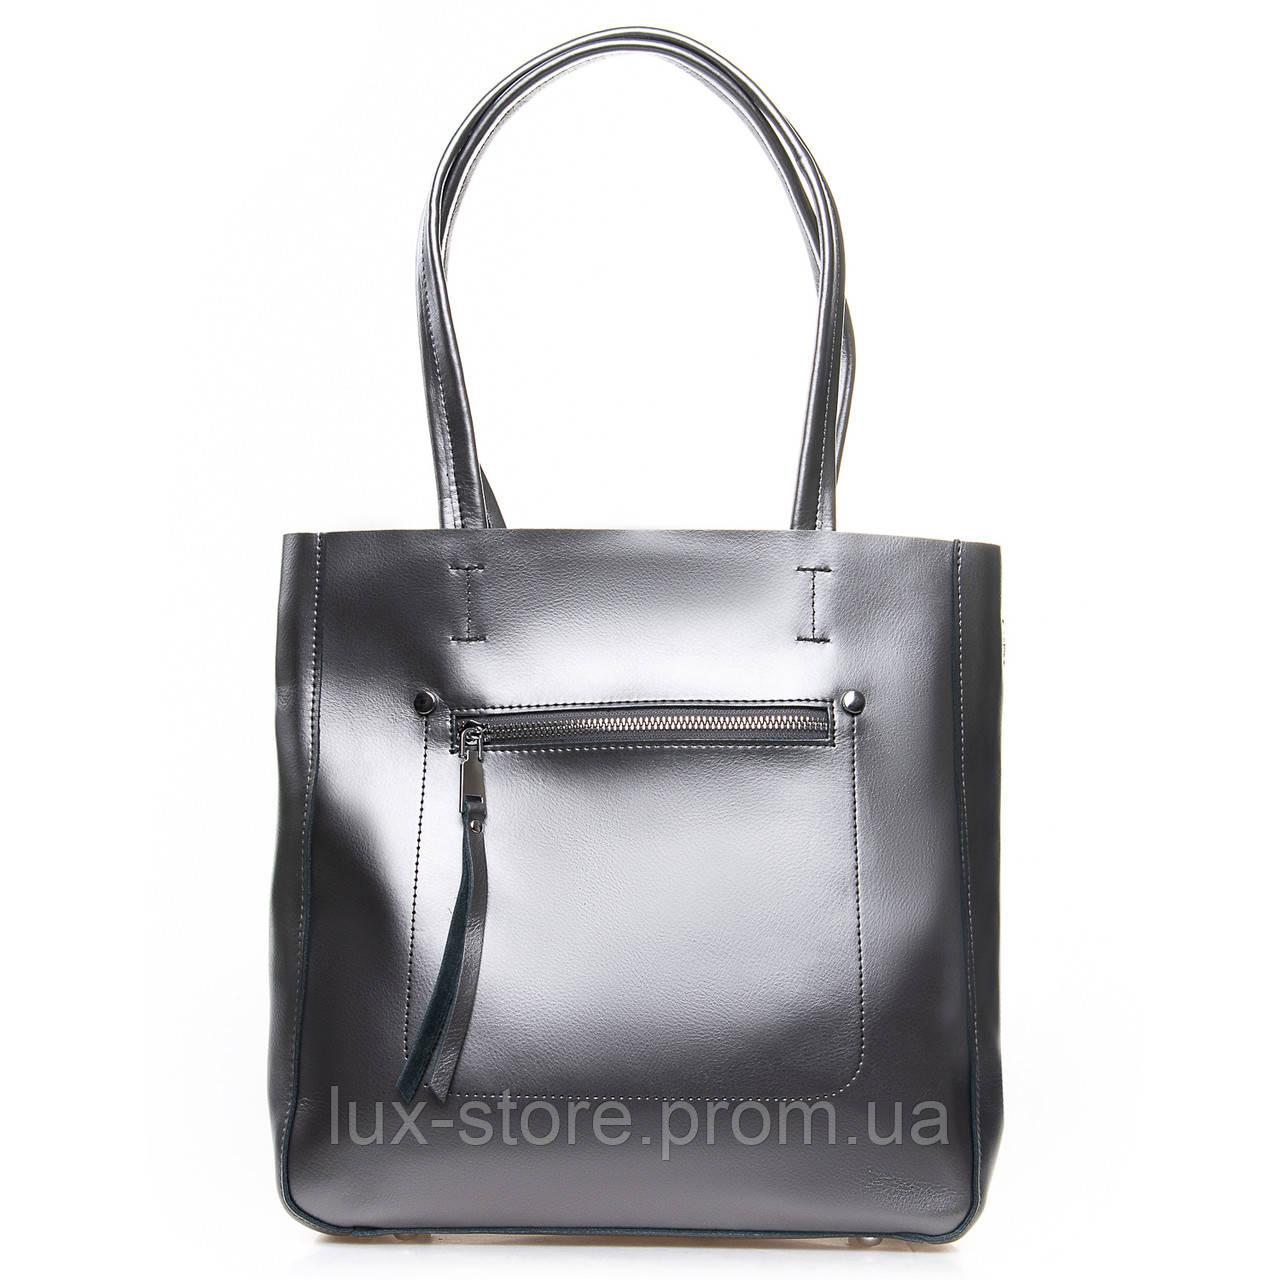 Сумка Женская Классическая кожа ALEX RAI 2-02 8773 light-grey